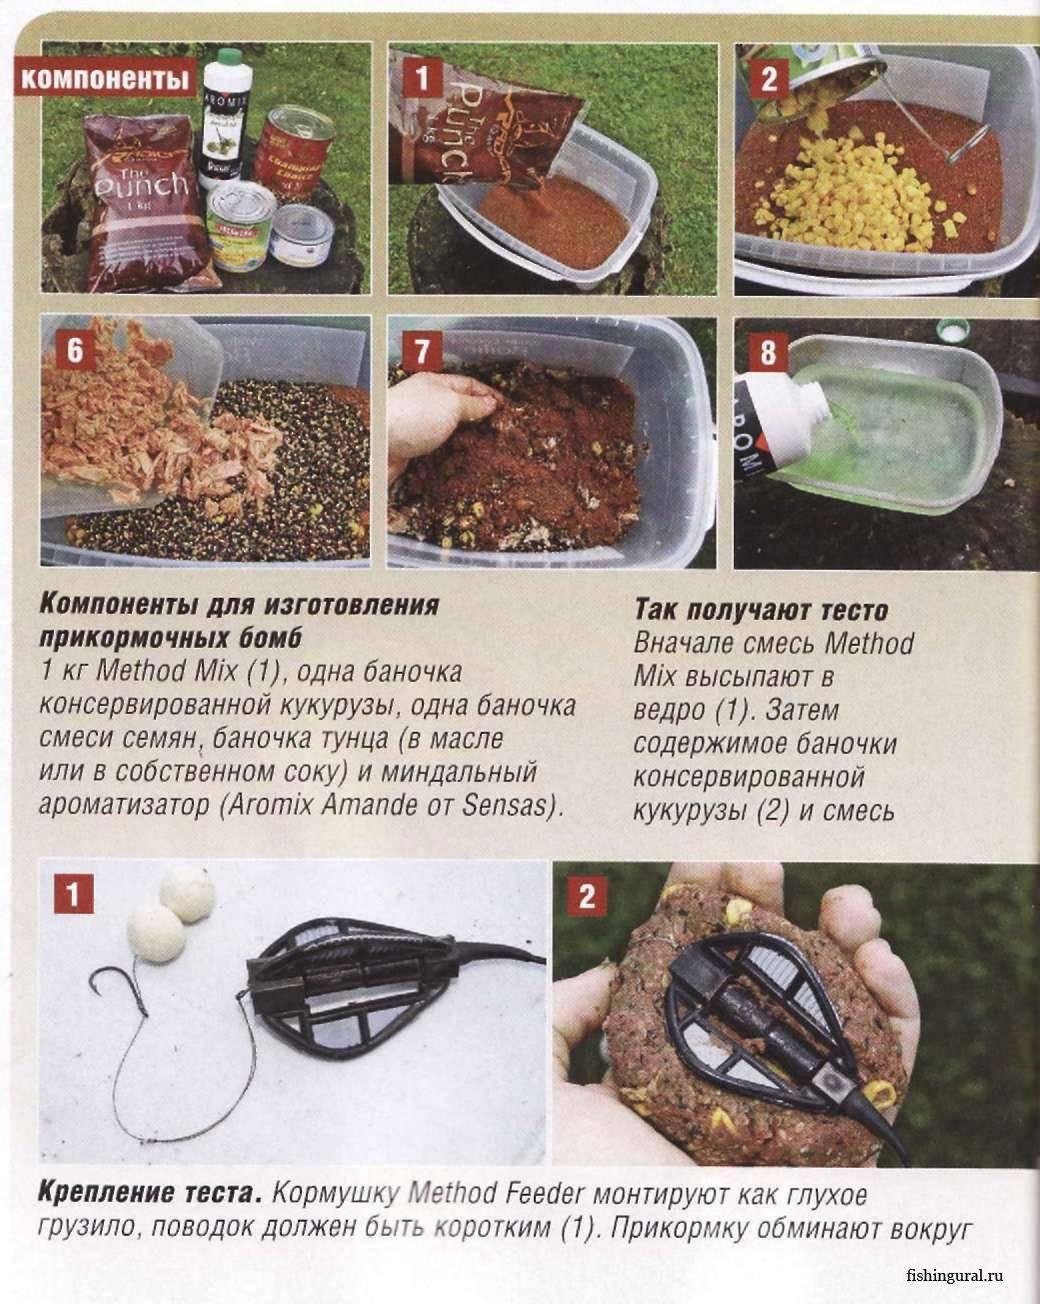 Прикормка для фидера своими руками: рецепты, особенности приготовления фидерного прикорма